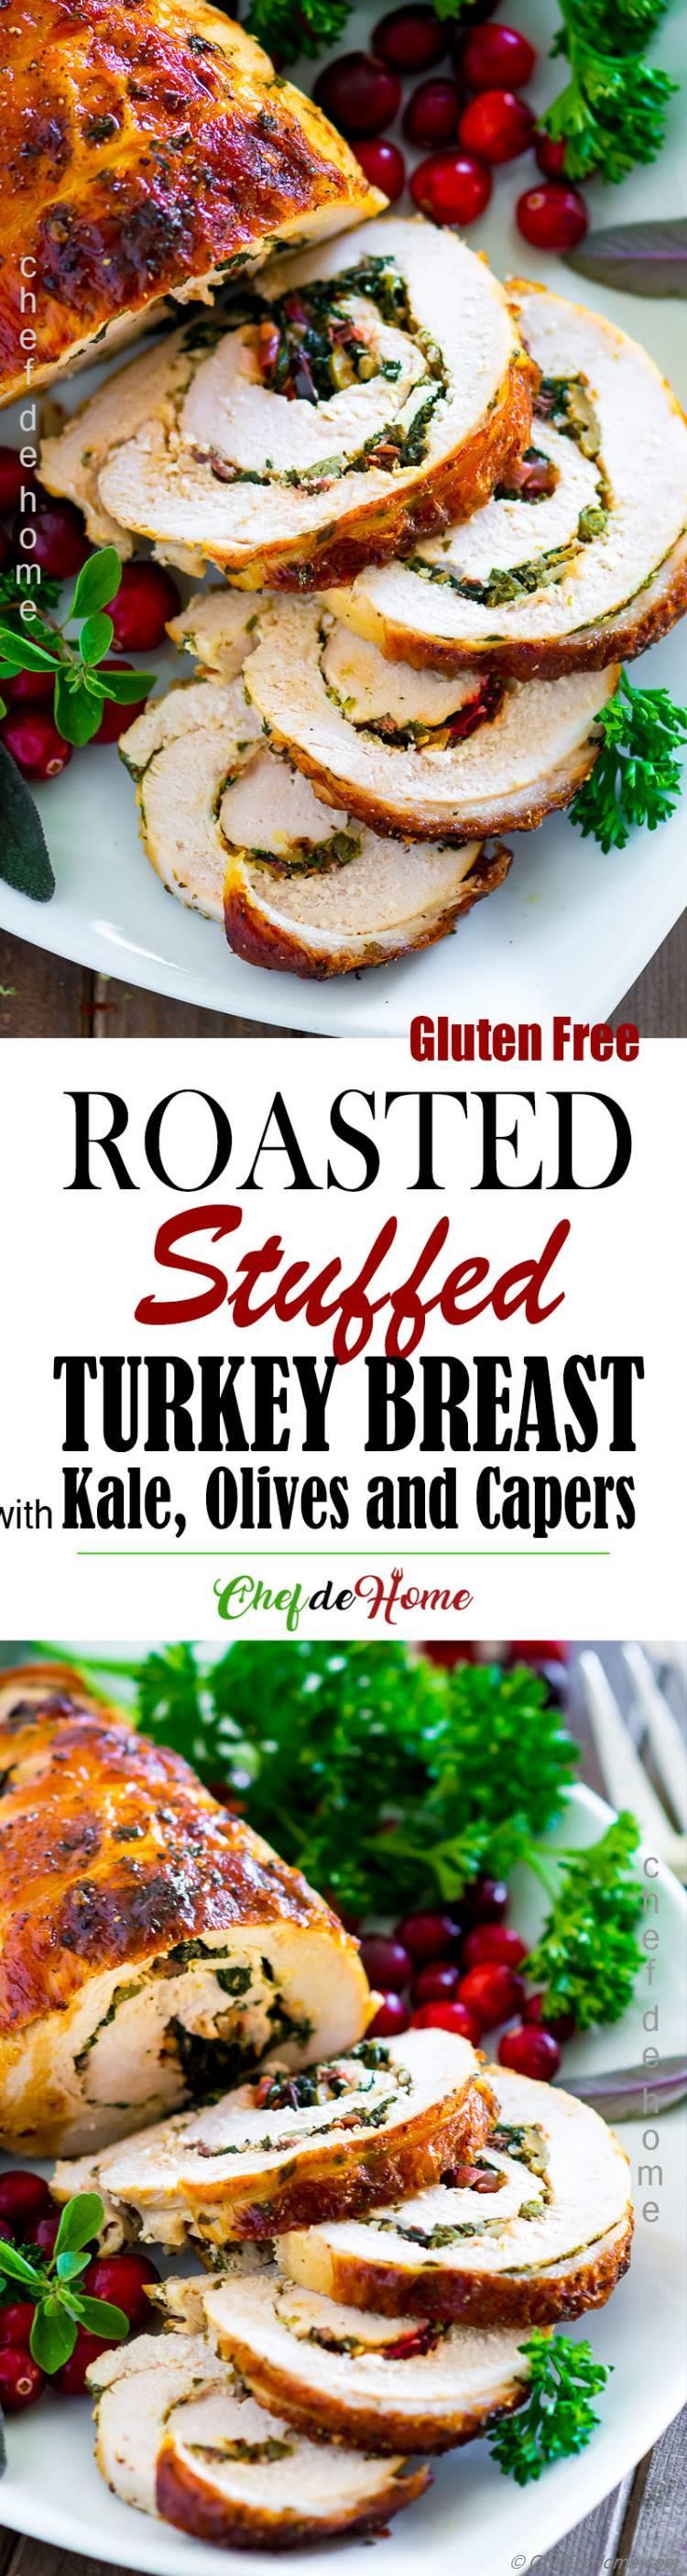 Juicy Stuffed Sliced Turkey Breast Long Picture